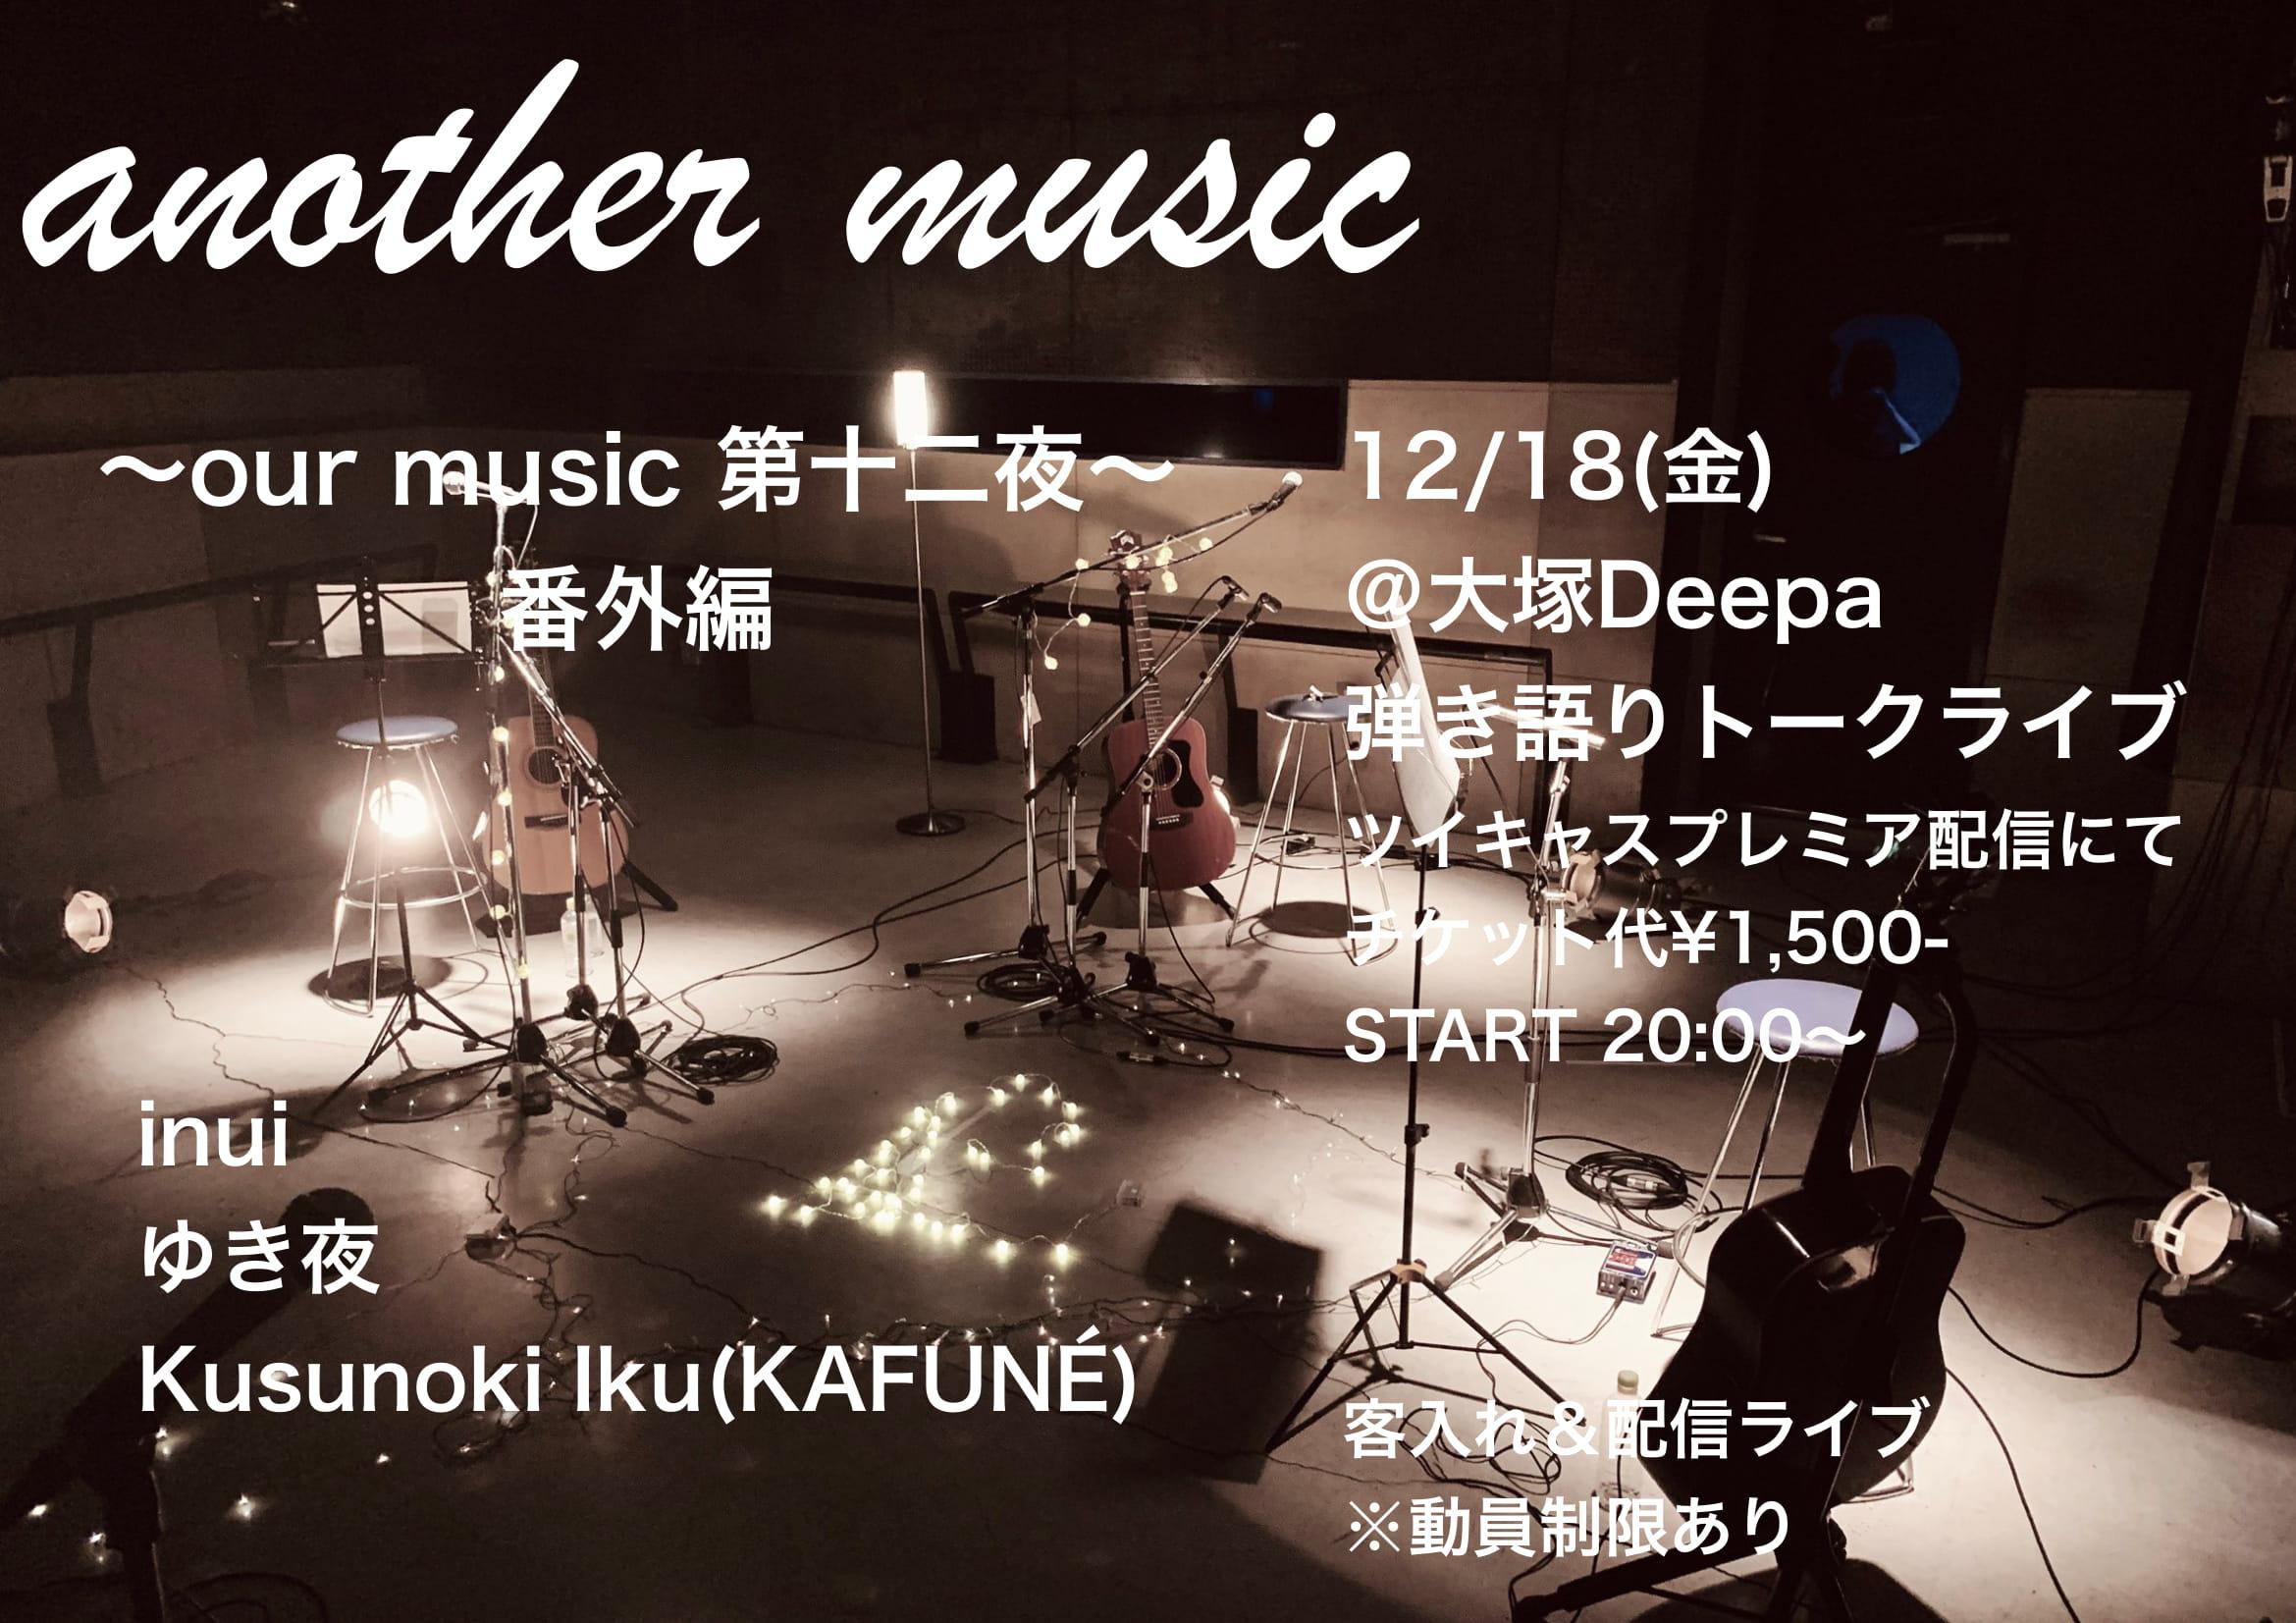 """大塚Deepa presents. """"another music""""〜our music 第十二夜番外編〜"""